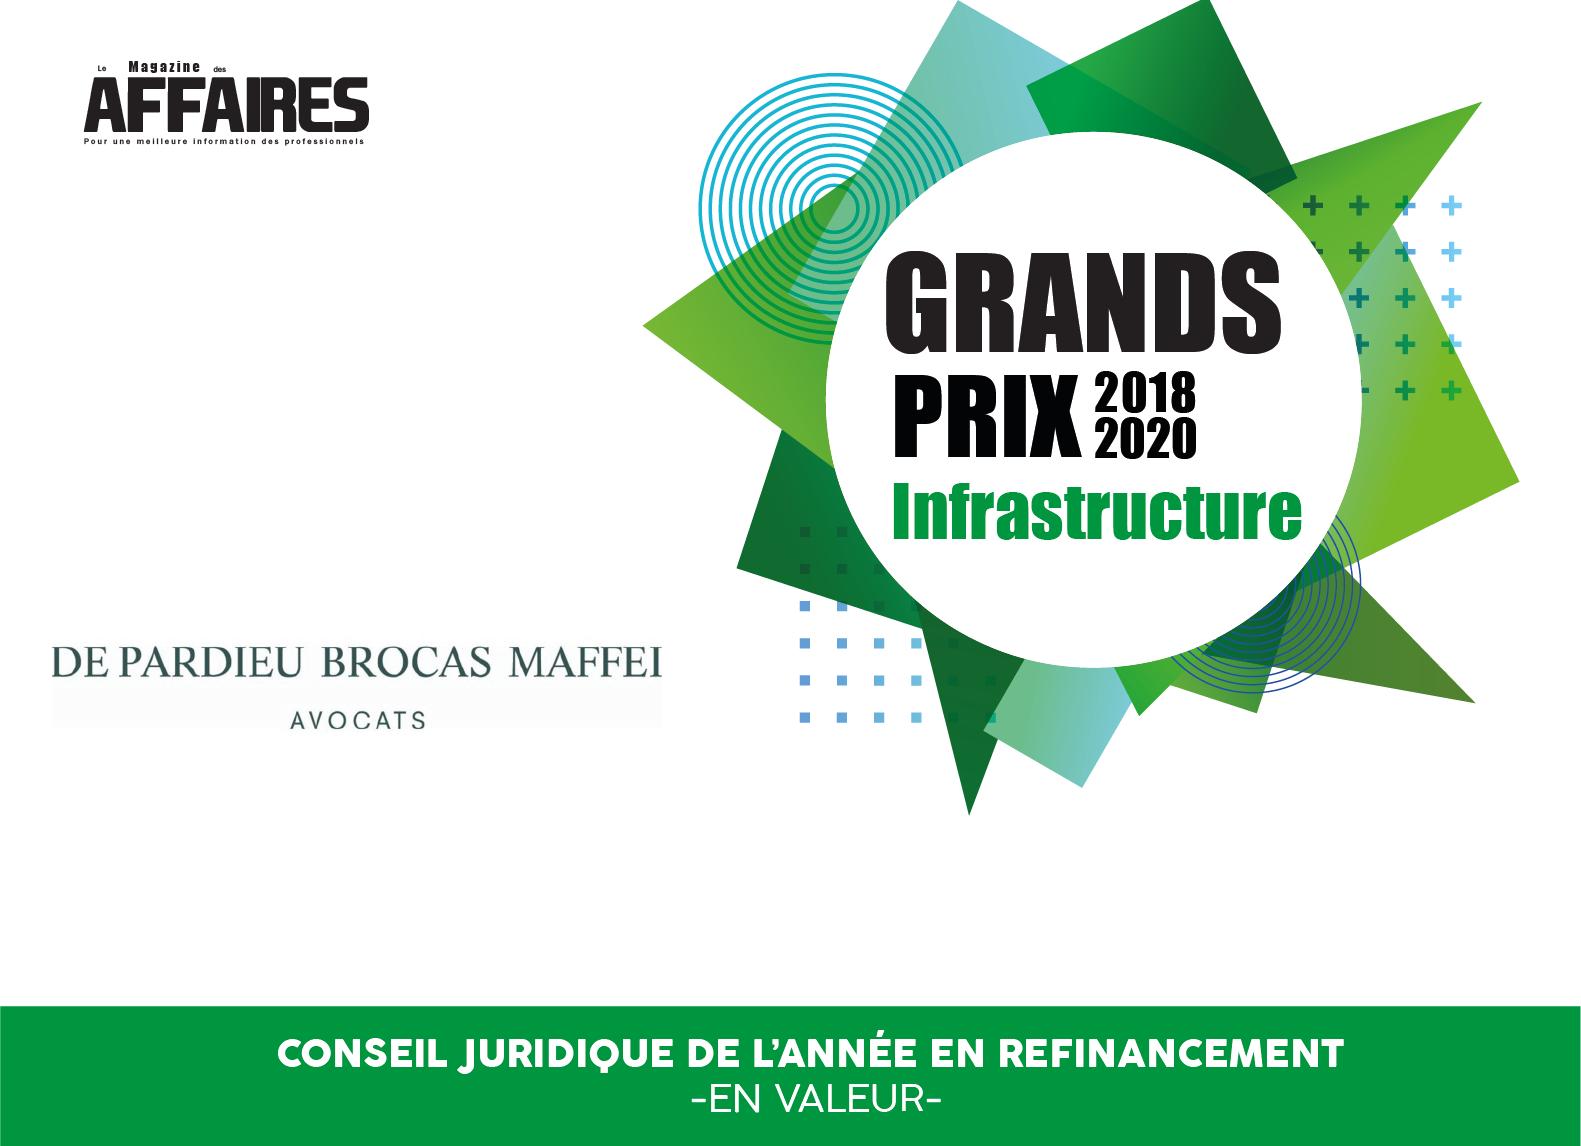 Classement Infrastructure 2018-2020 – Le Magazine des Affaires